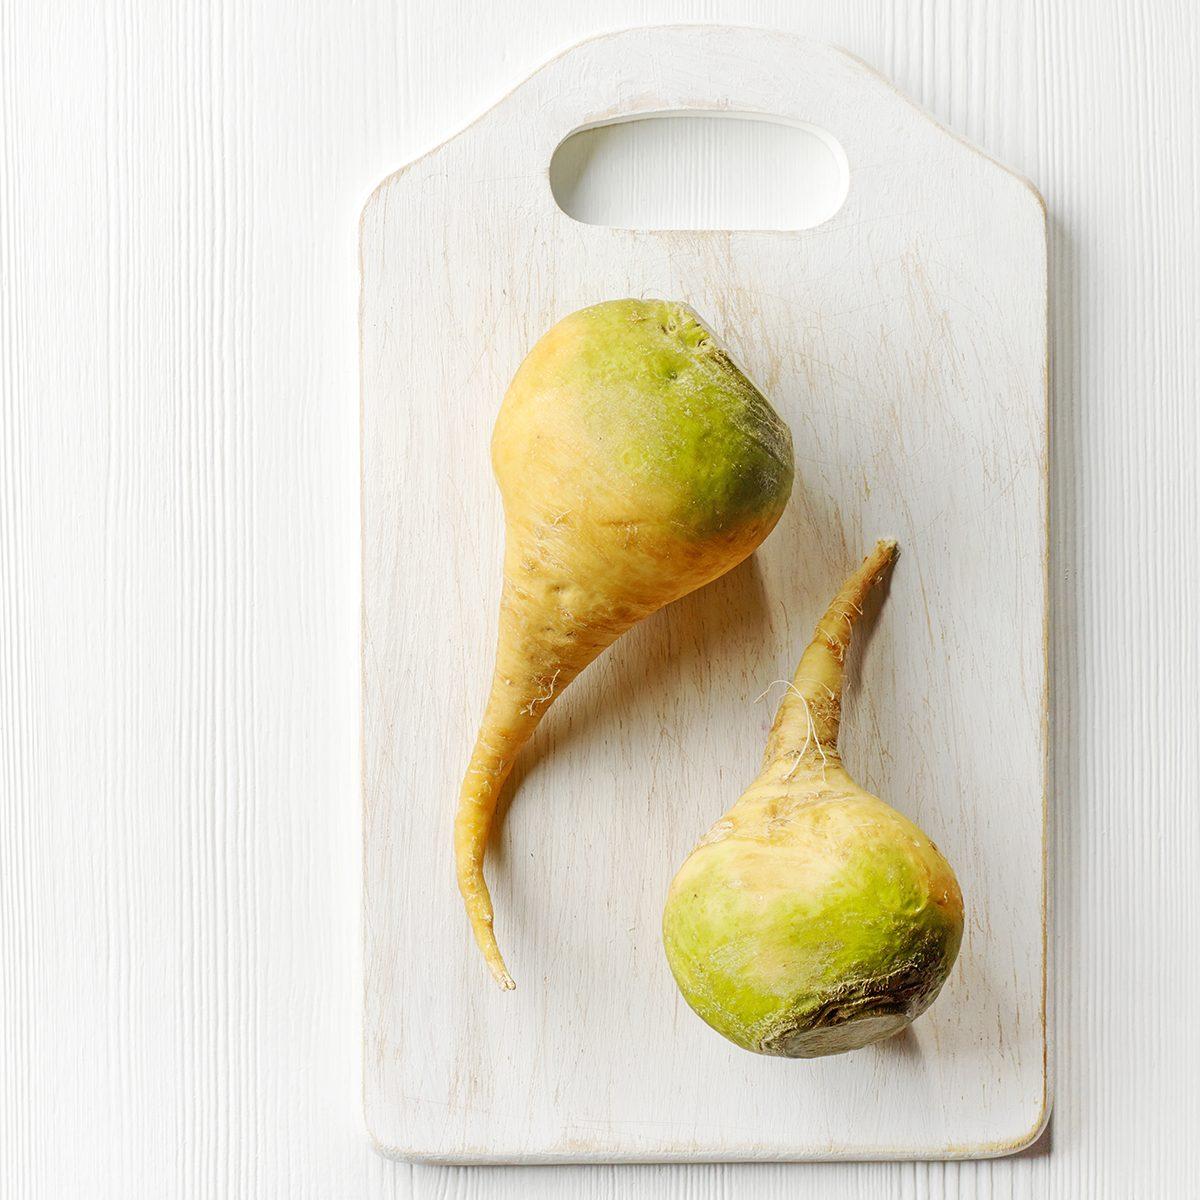 raw rutabaga on white cutting board